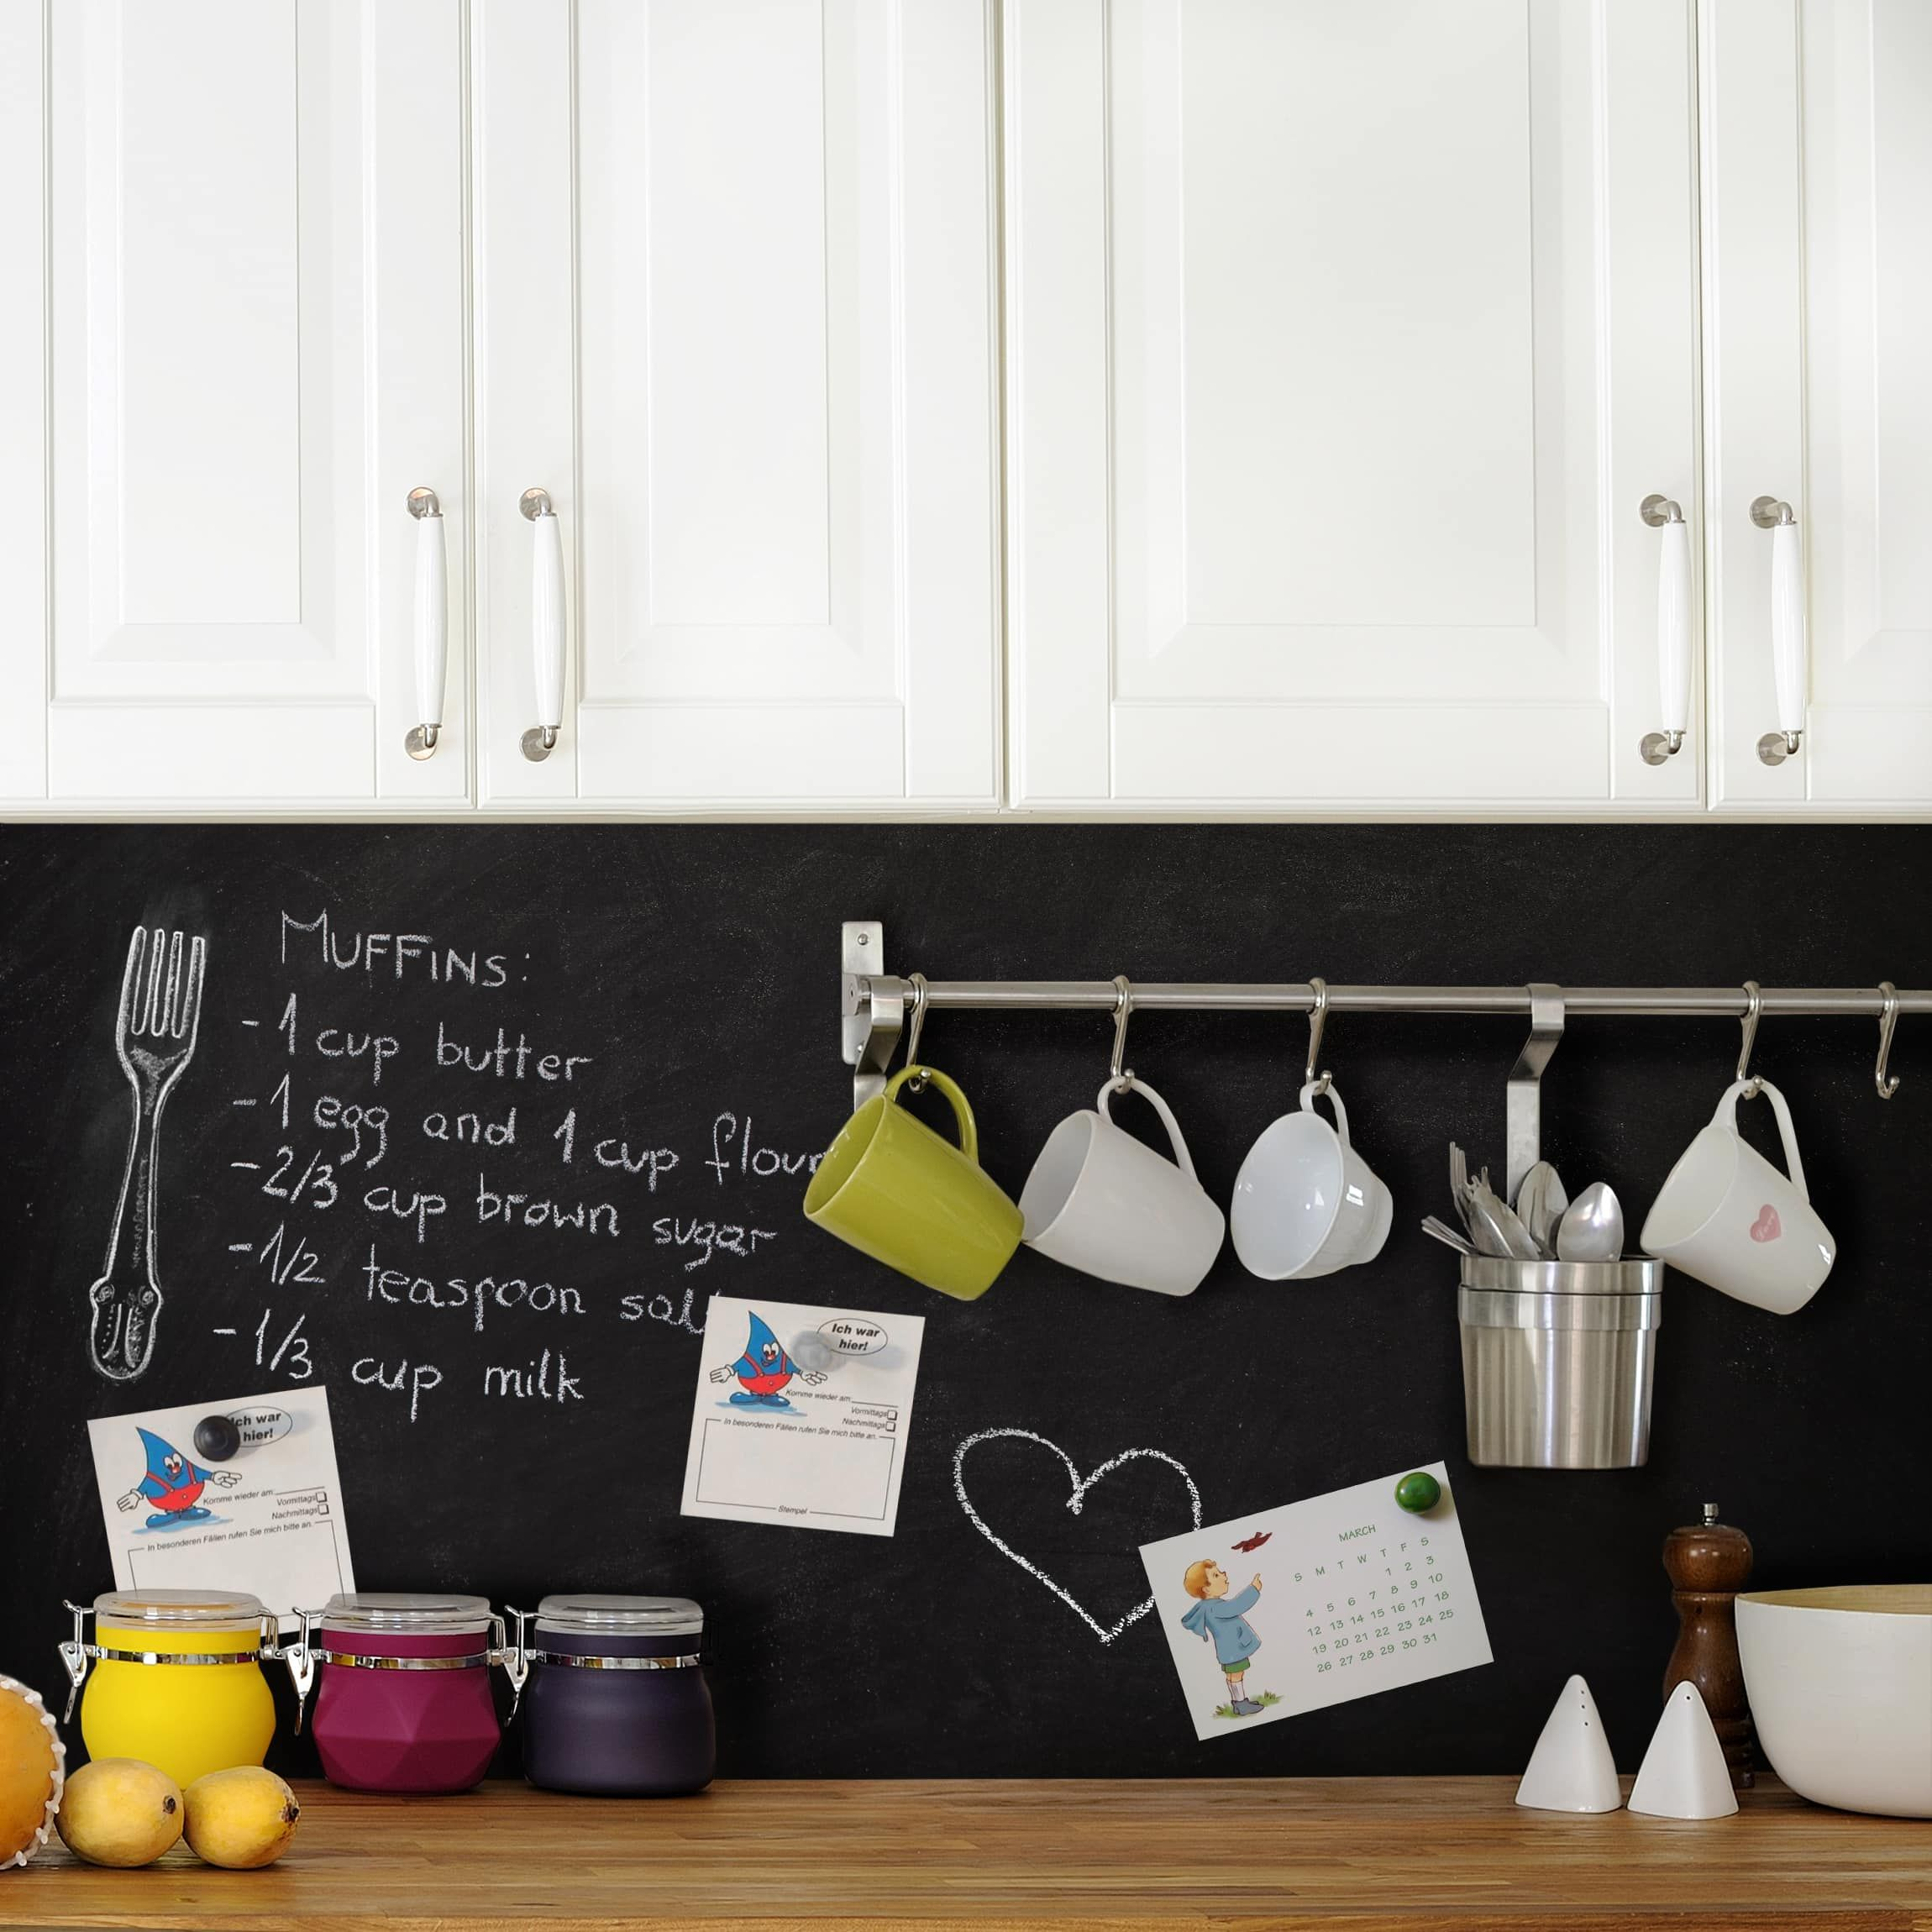 Vernice Lavagna Magnetica Colorata pellicola magnetica - lavagna adesiva - cucina (con immagini